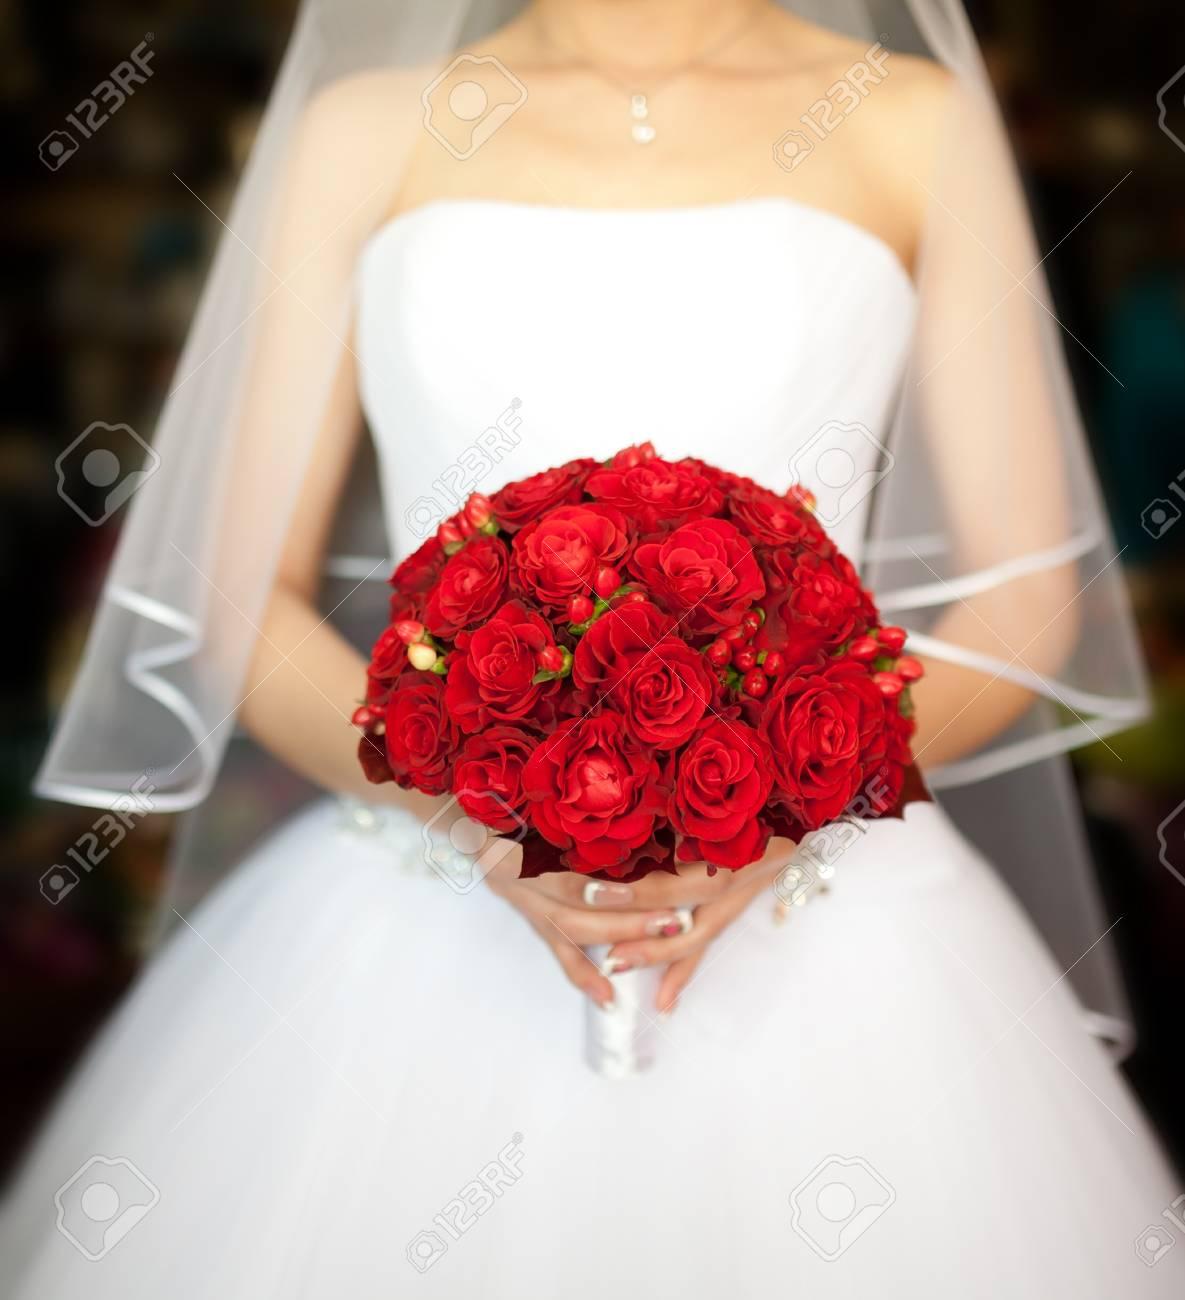 Brautstrauss Mit Roten Rosen Lizenzfreie Fotos Bilder Und Stock